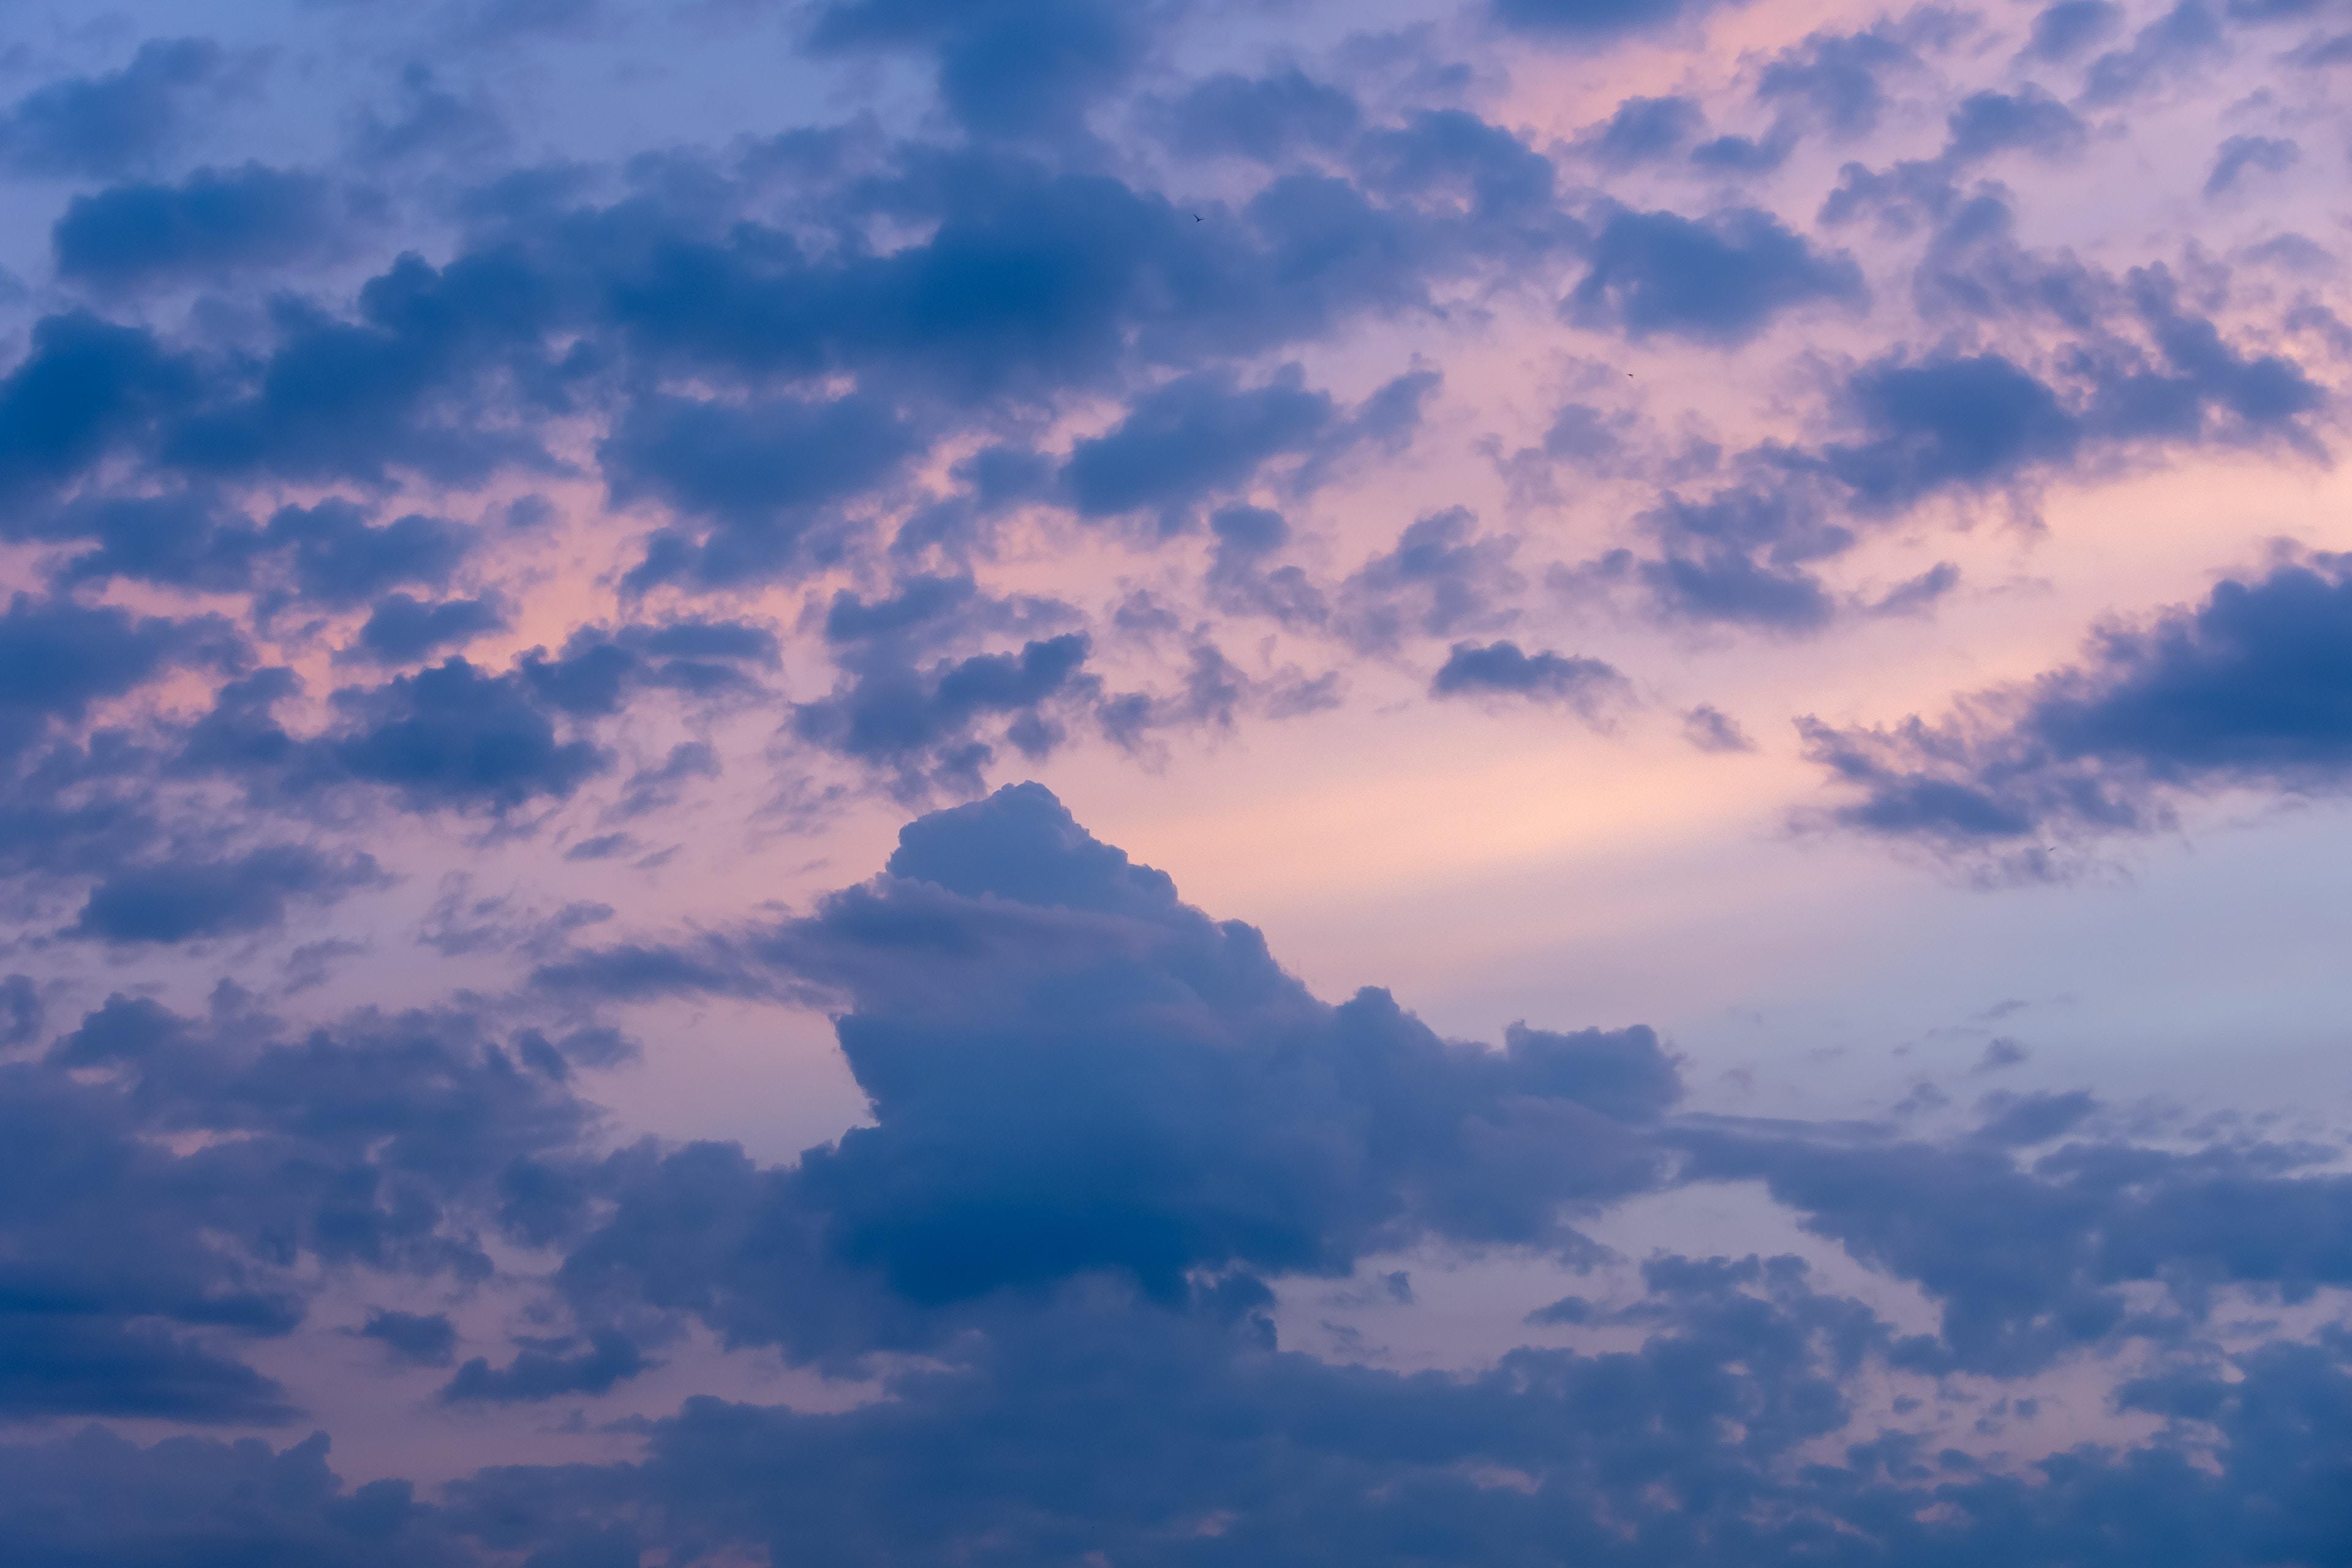 103089壁紙のダウンロード自然, スカイ, 雲, 夕暮れ, 薄明, イブニング, 夕方, 日没-スクリーンセーバーと写真を無料で